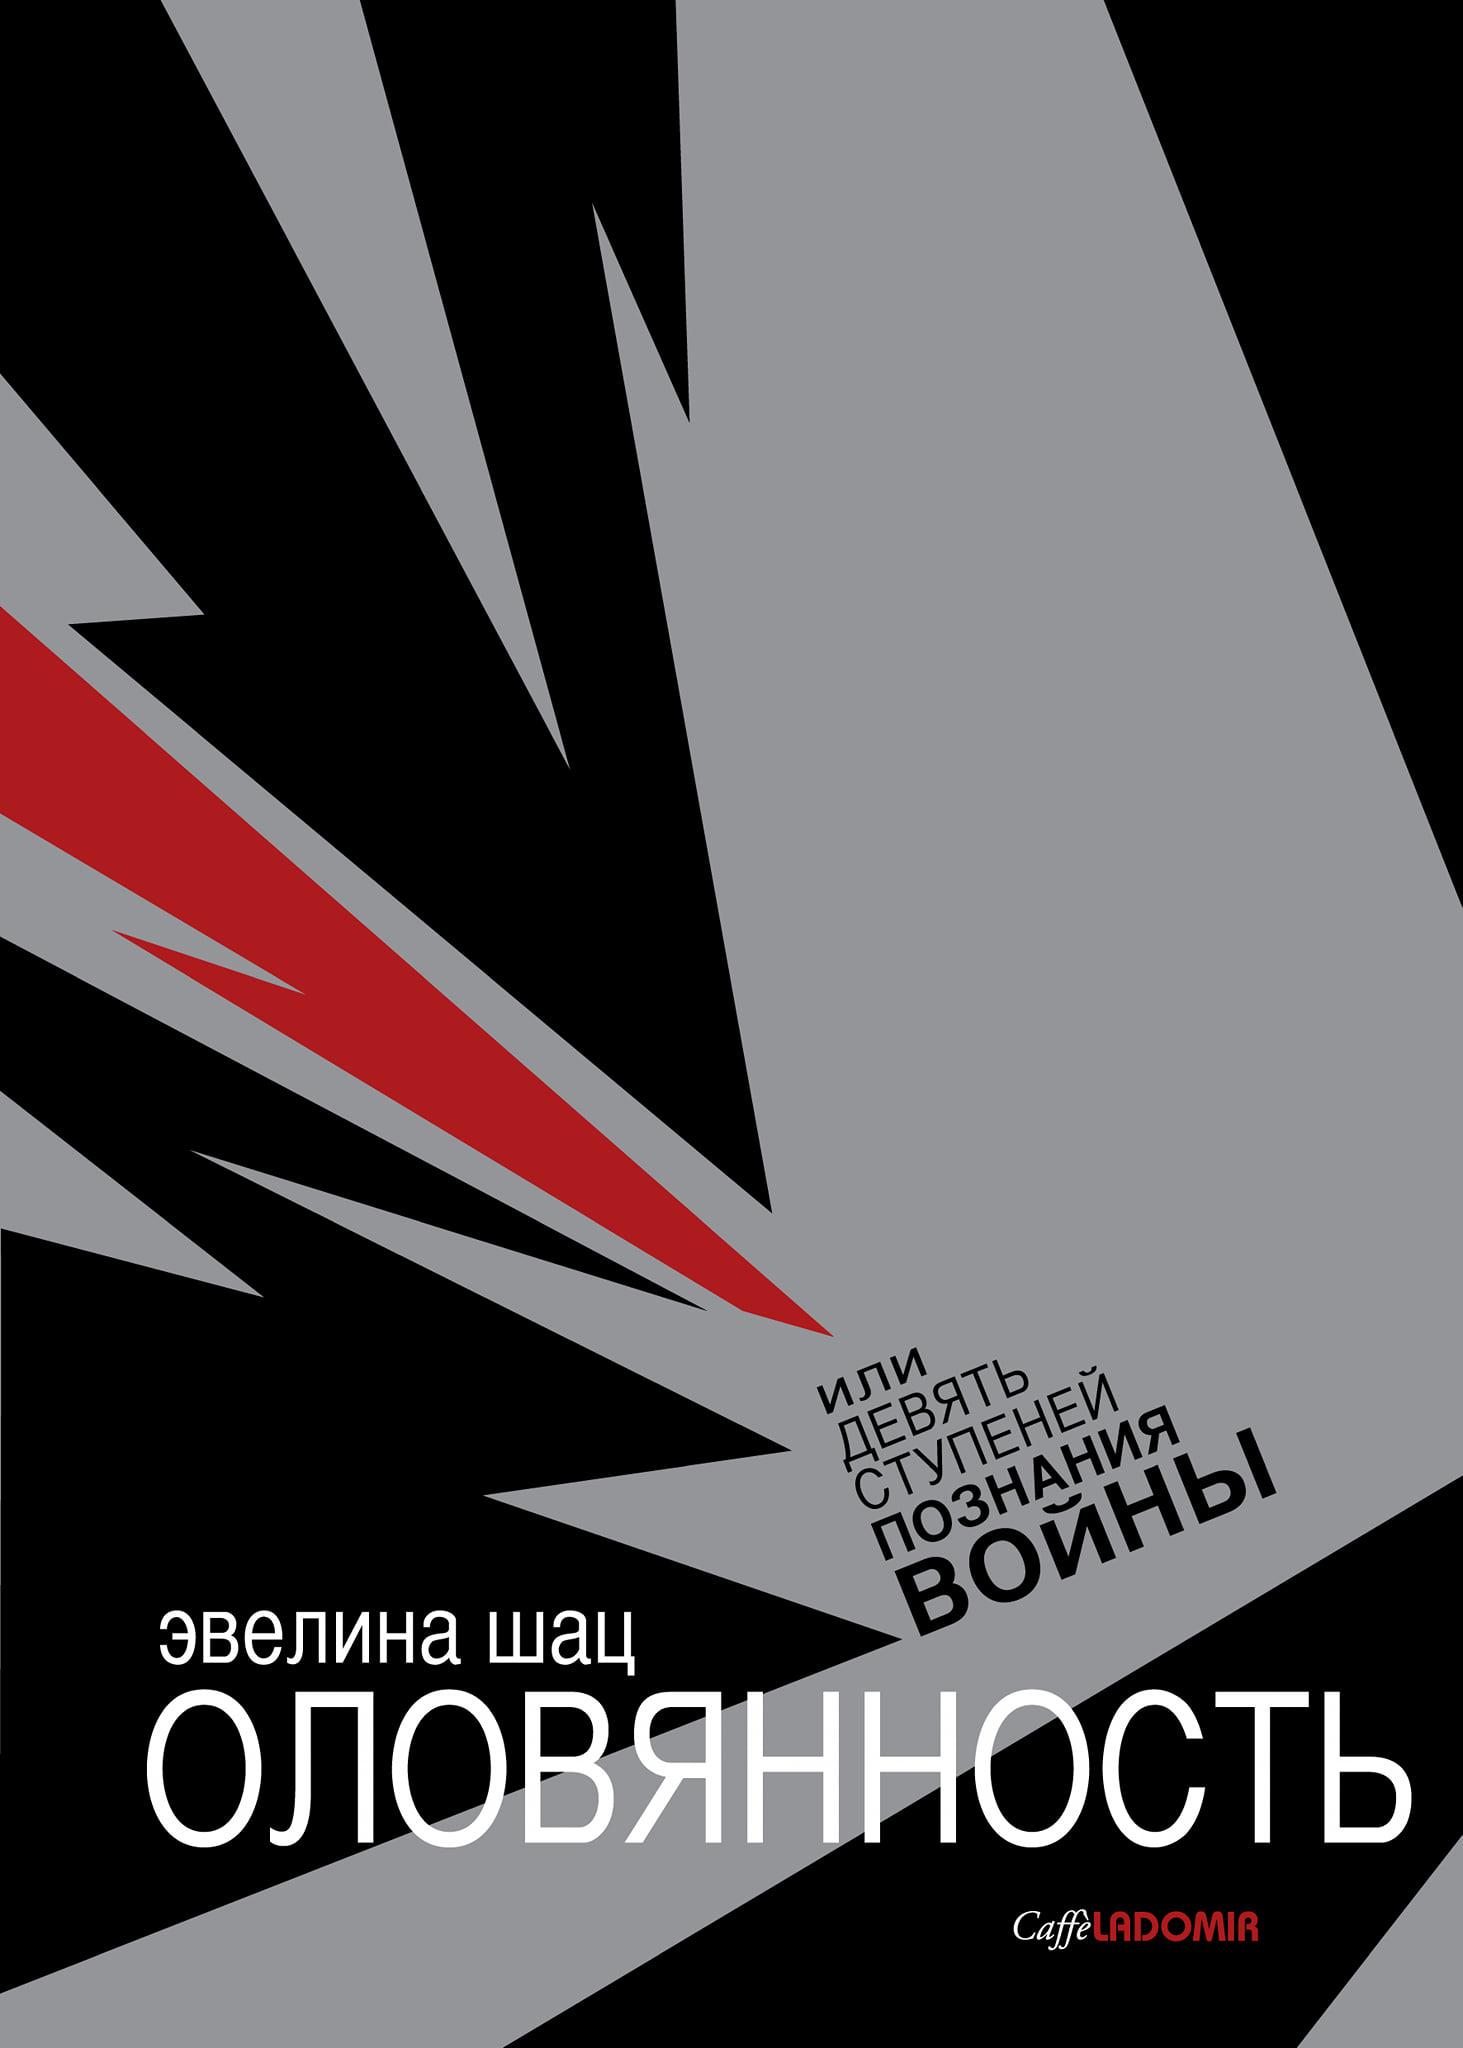 """Обложка книги Э. Шац """"Оловянность, или 9 ступеней познания войны"""" (2020)"""